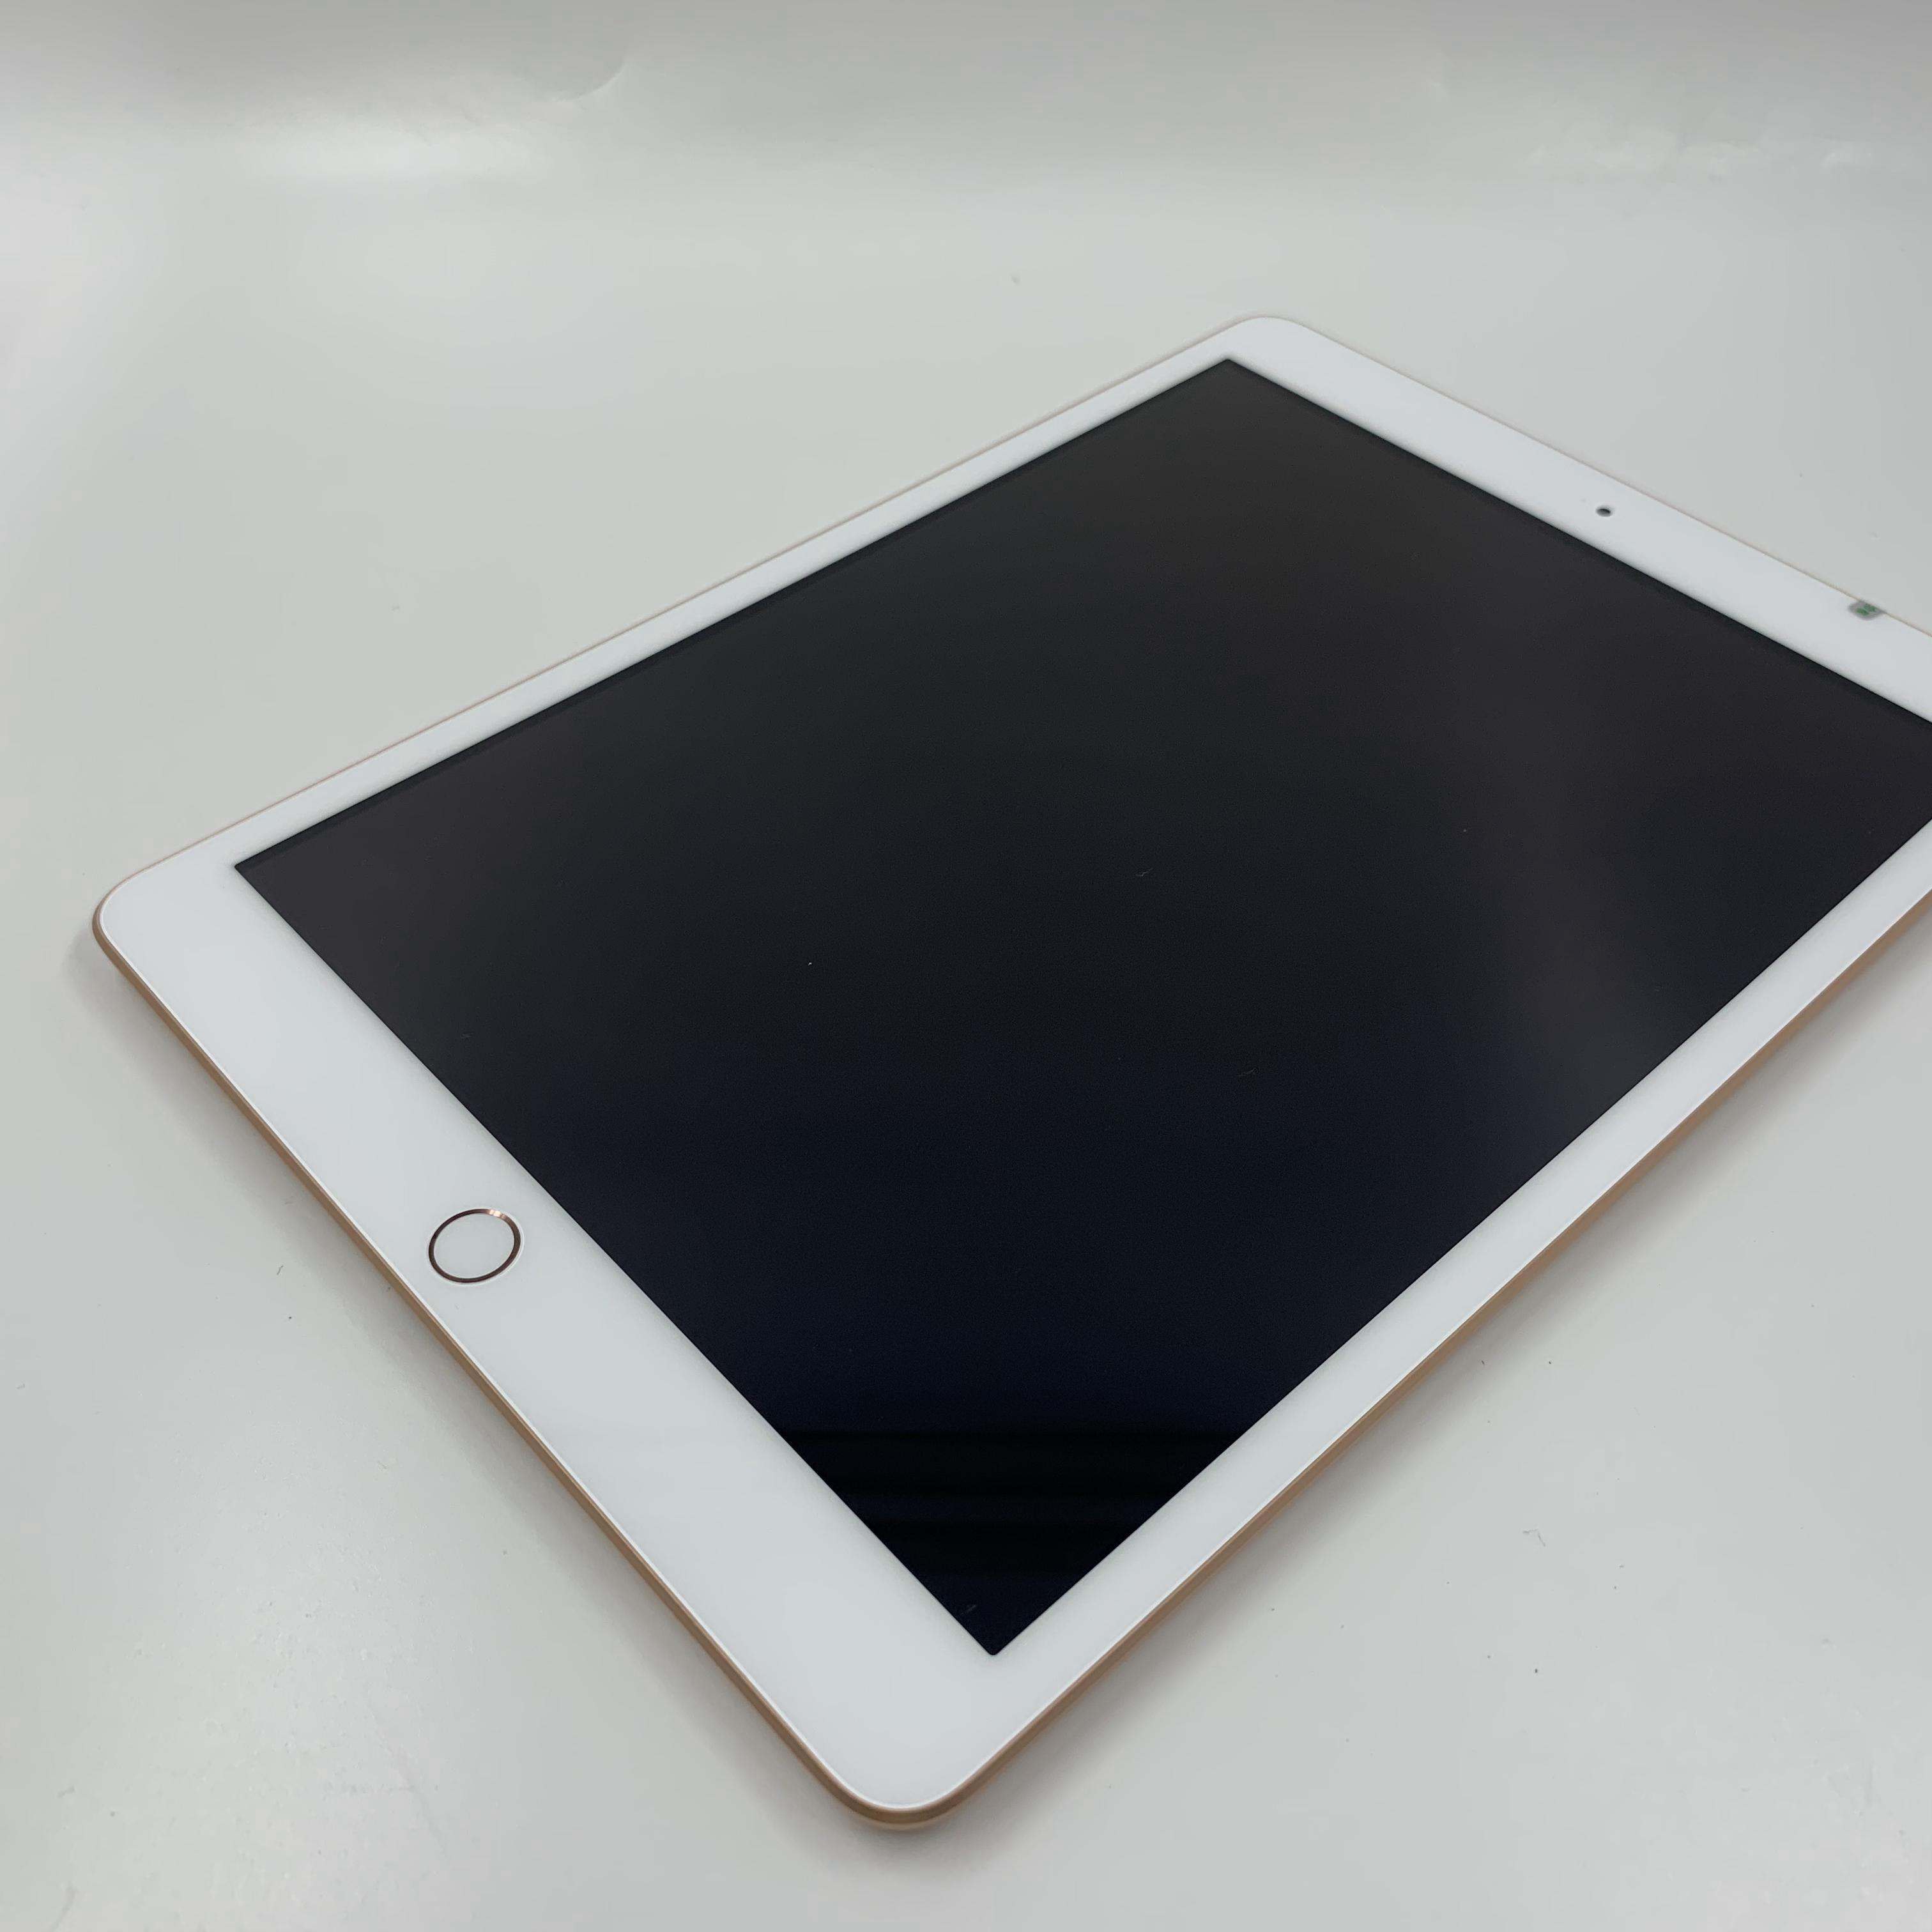 苹果【iPad8 10.2英寸 20款】WIFI版 金色 32G 国行 99新 真机实拍保修2022-04-14